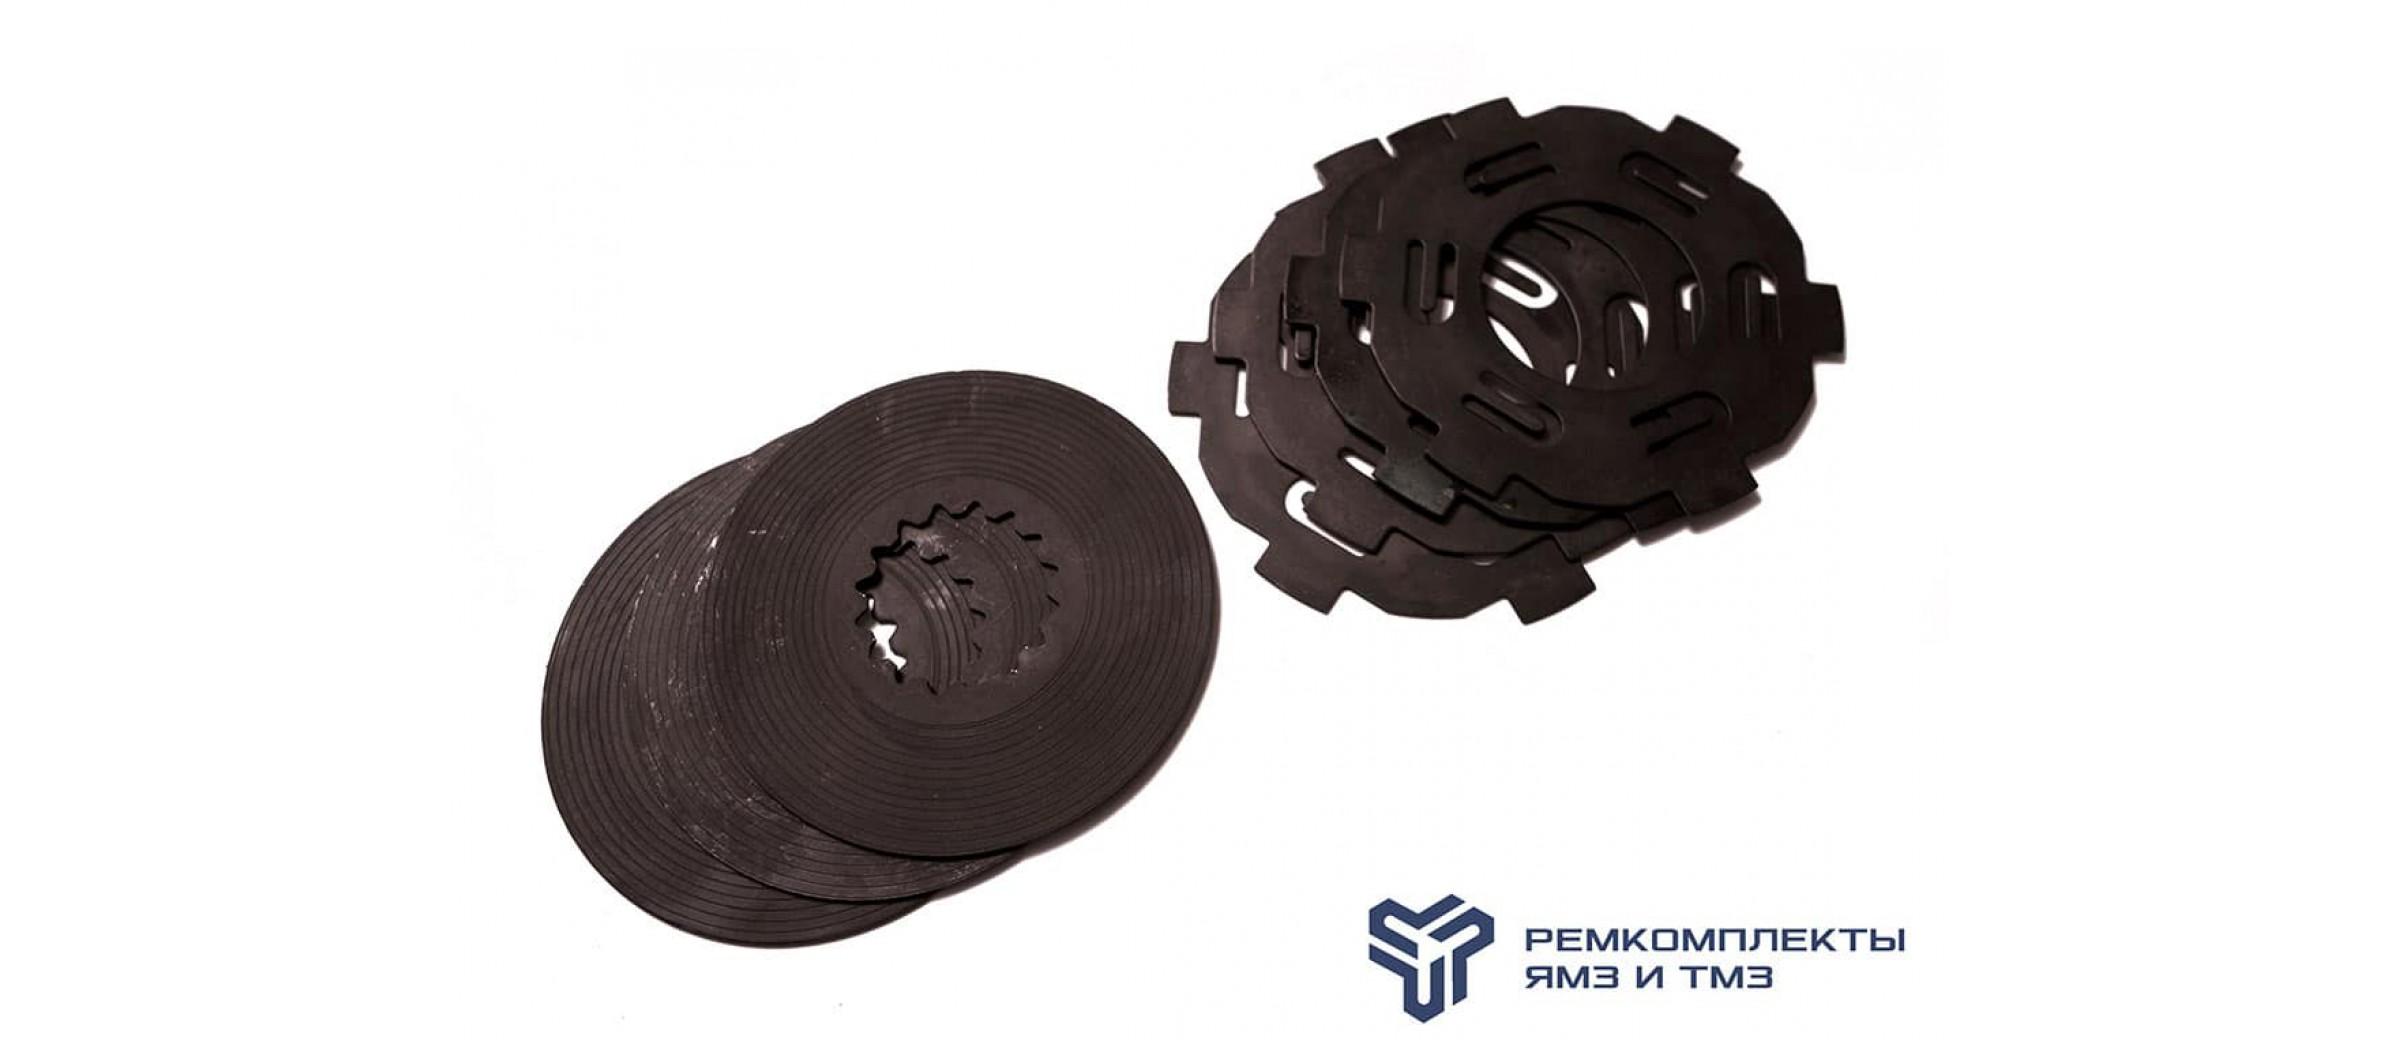 Ремкомплект привода вентилятора ЯМЗ-7511 (диски ведущий, ведомый)